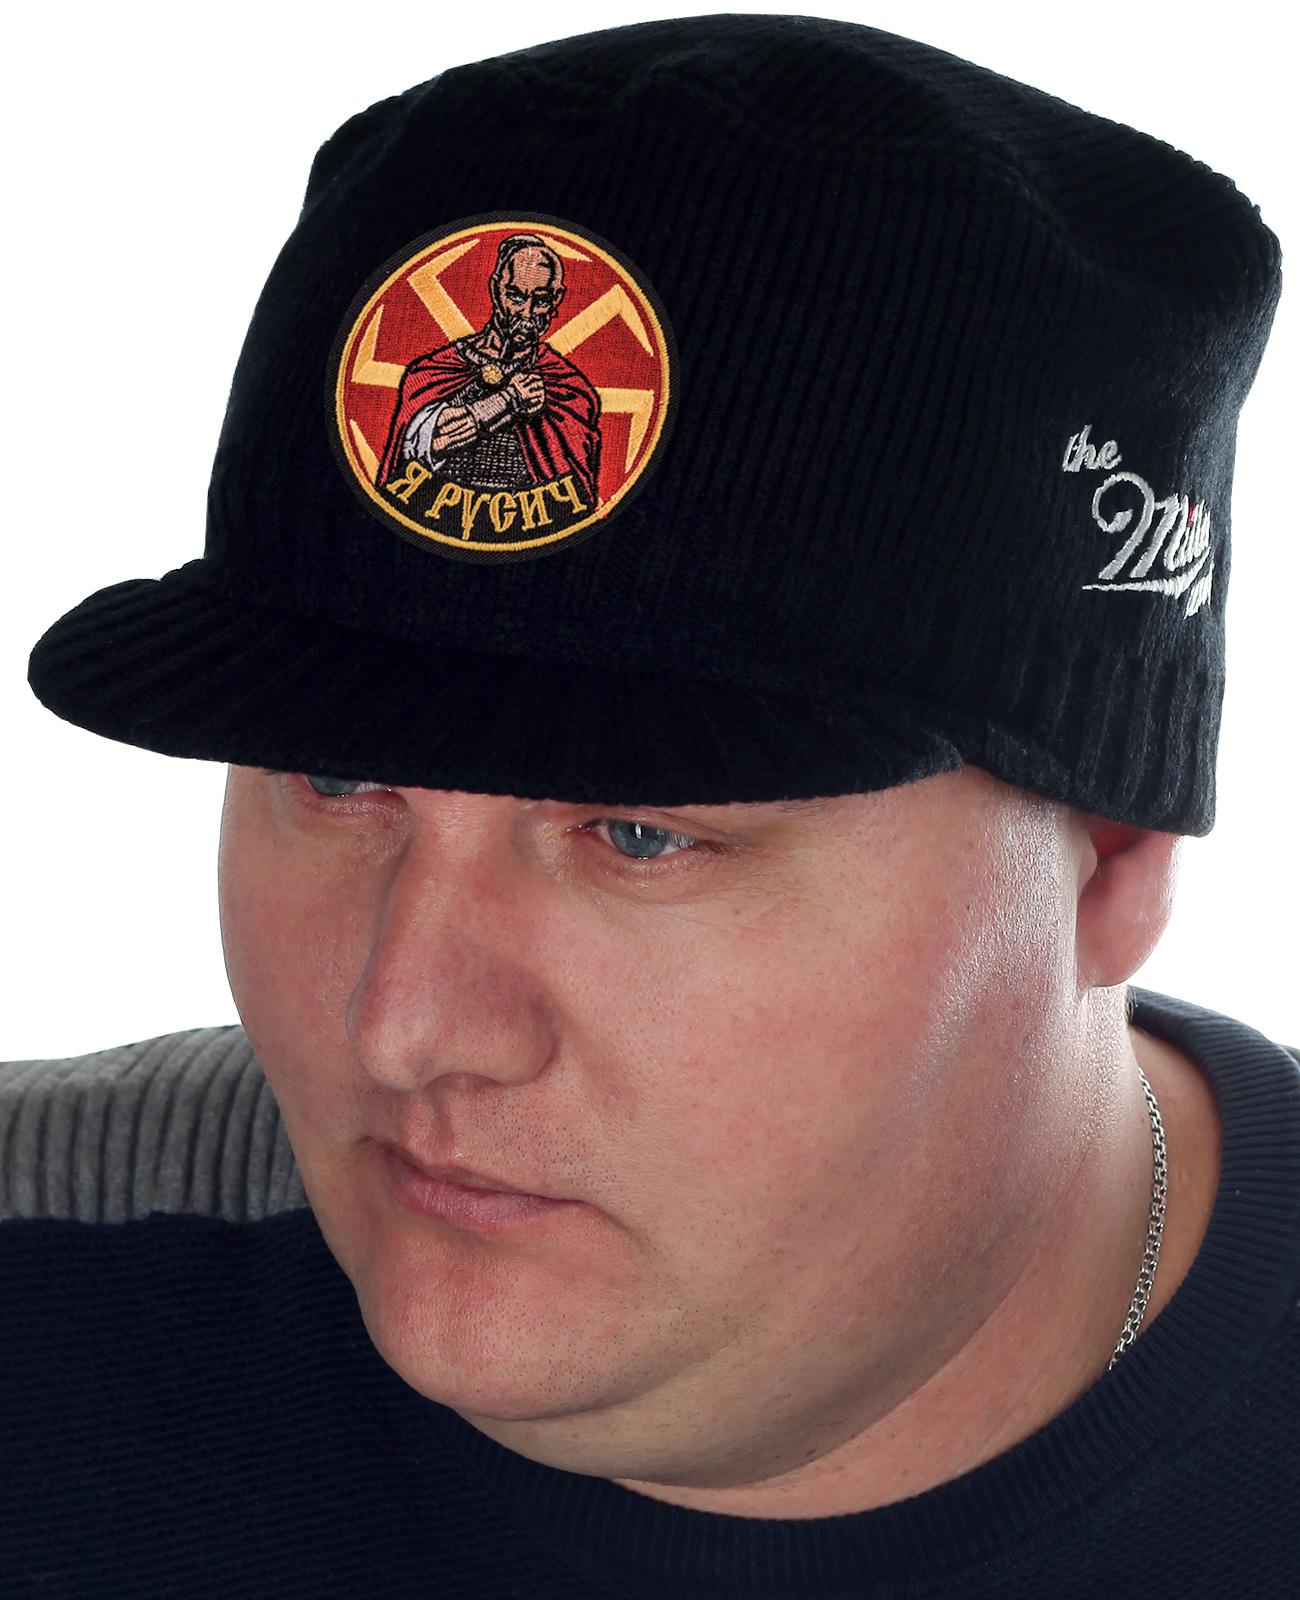 Модная шапка Miller Way с образом Князя Святослава и словами «Я – Русич». Классический фасон с козырьком подходит всем парням и мужчинам. Рекомендуем купить и для зимы, и для межсезонья